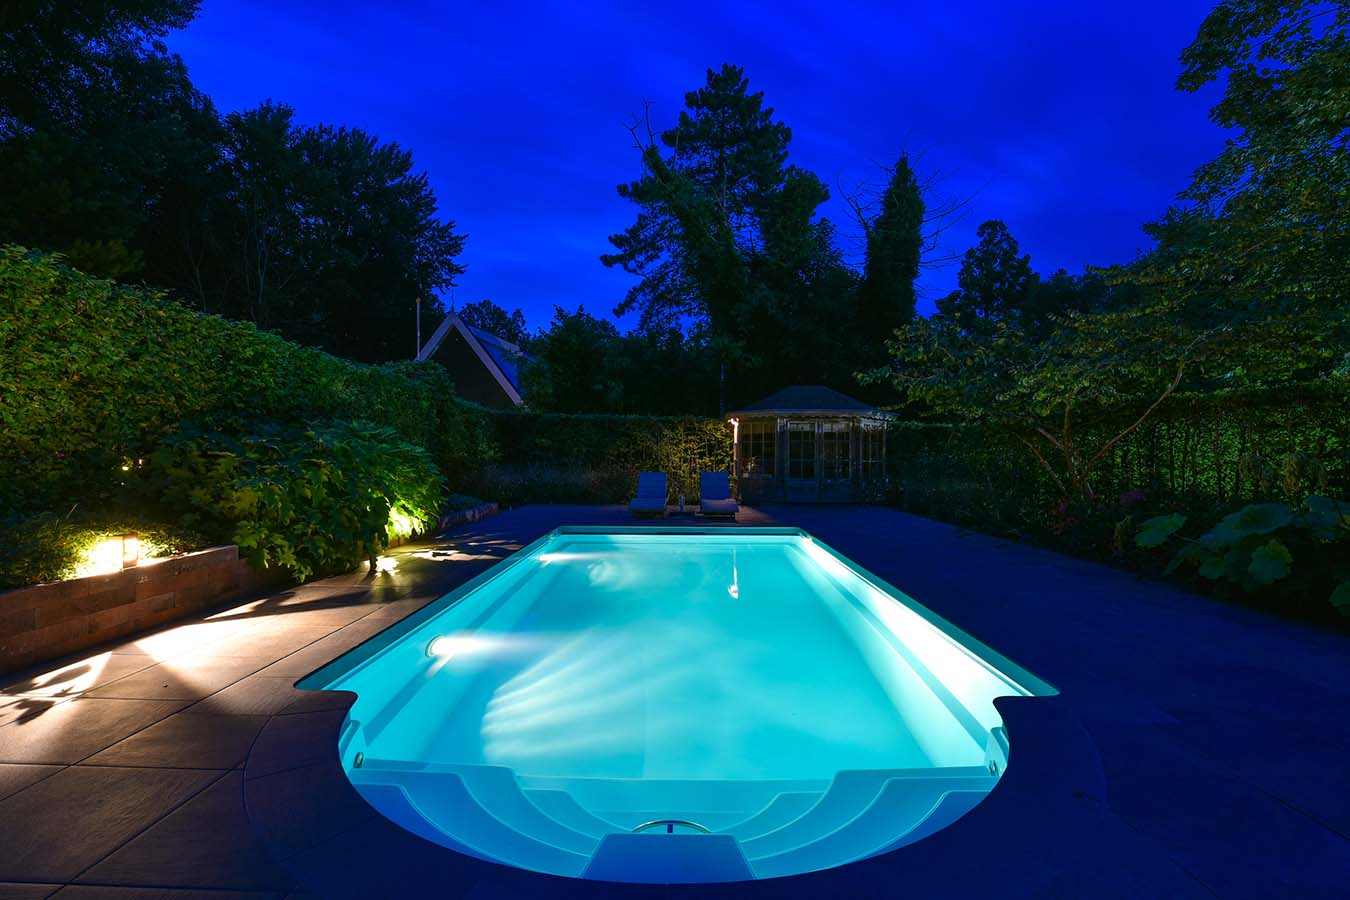 nachtfoto van zwembad